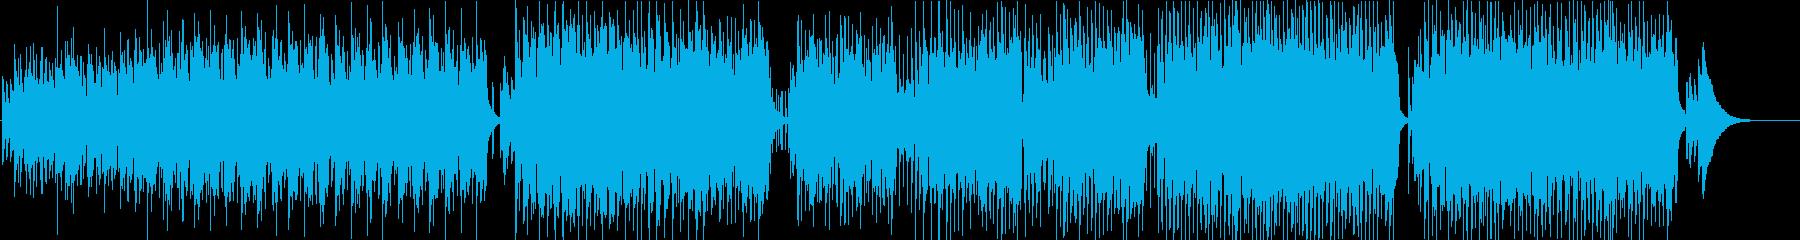 ほのぼの可愛いアコースティックポップの再生済みの波形